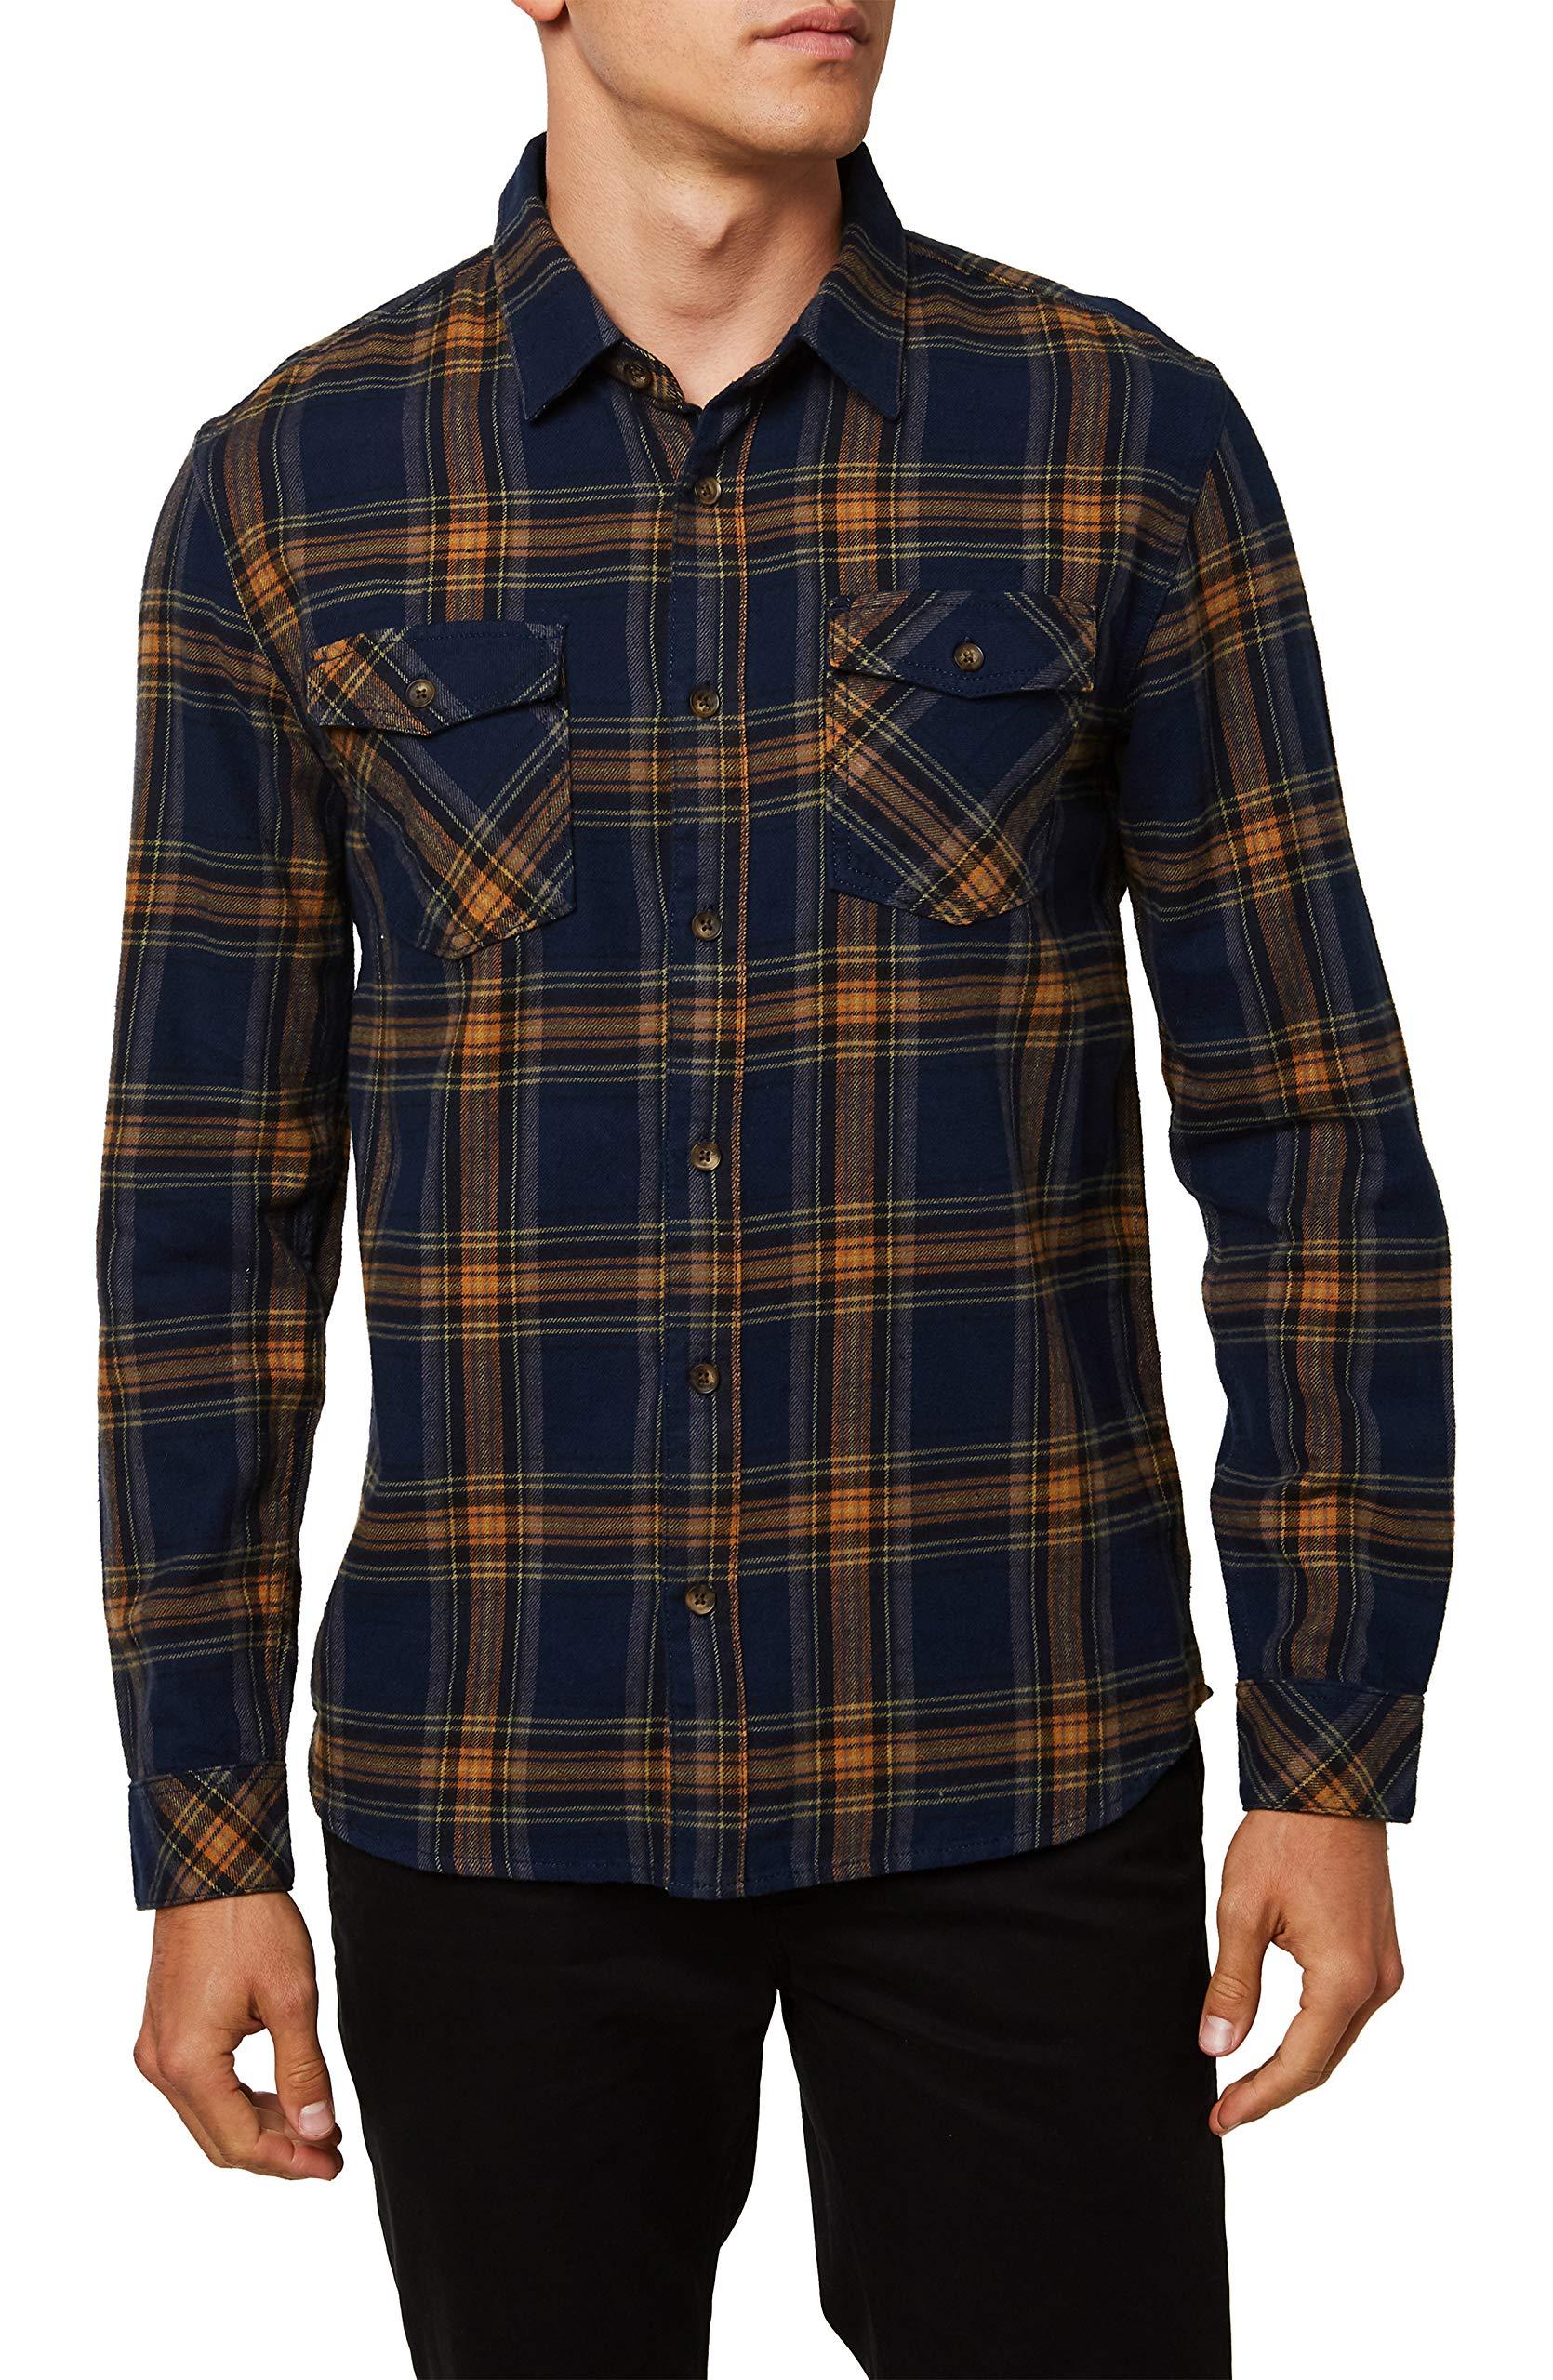 O'Neill Men's Standard Fit Long Sleeve Button Down Flannel Shirt